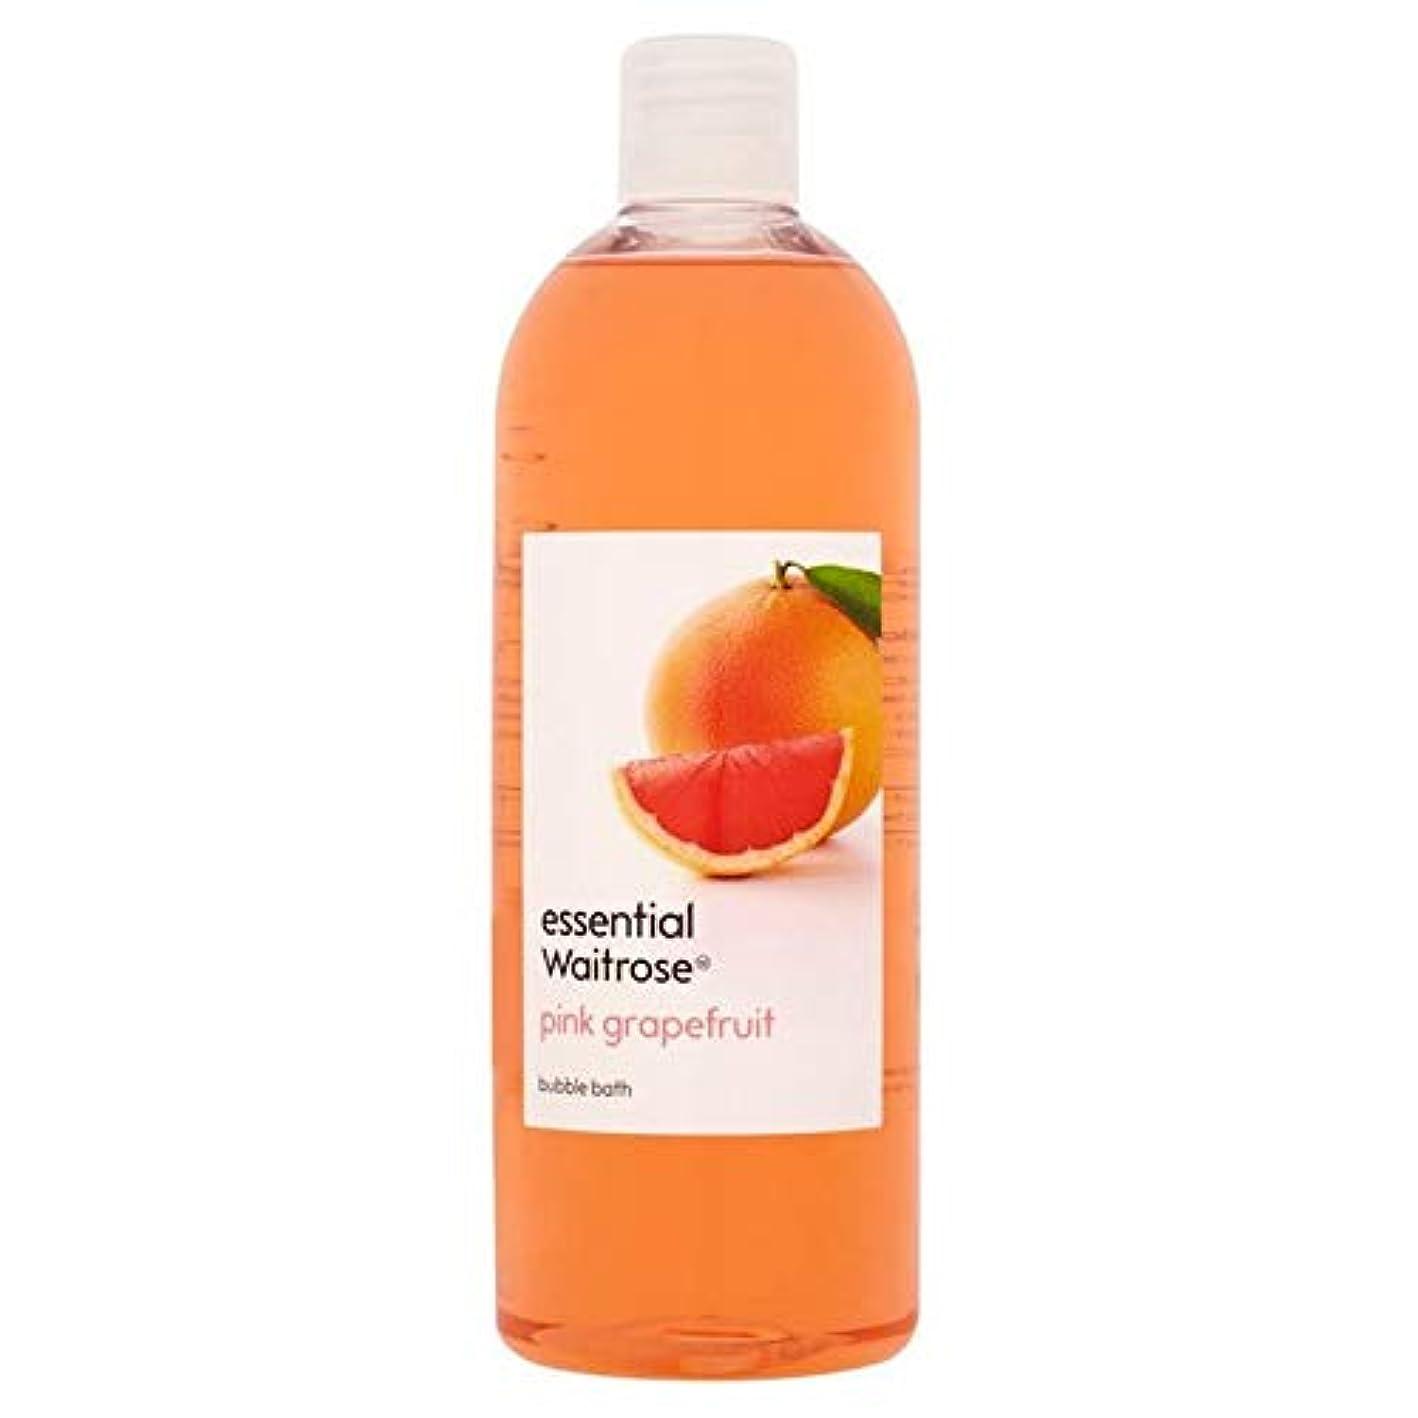 雲ツール枯れる[Waitrose ] 基本的なウェイトローズの泡風呂ピンクグレープフルーツ750ミリリットル - Essential Waitrose Bubble Bath Pink Grapefruit 750ml [並行輸入品]